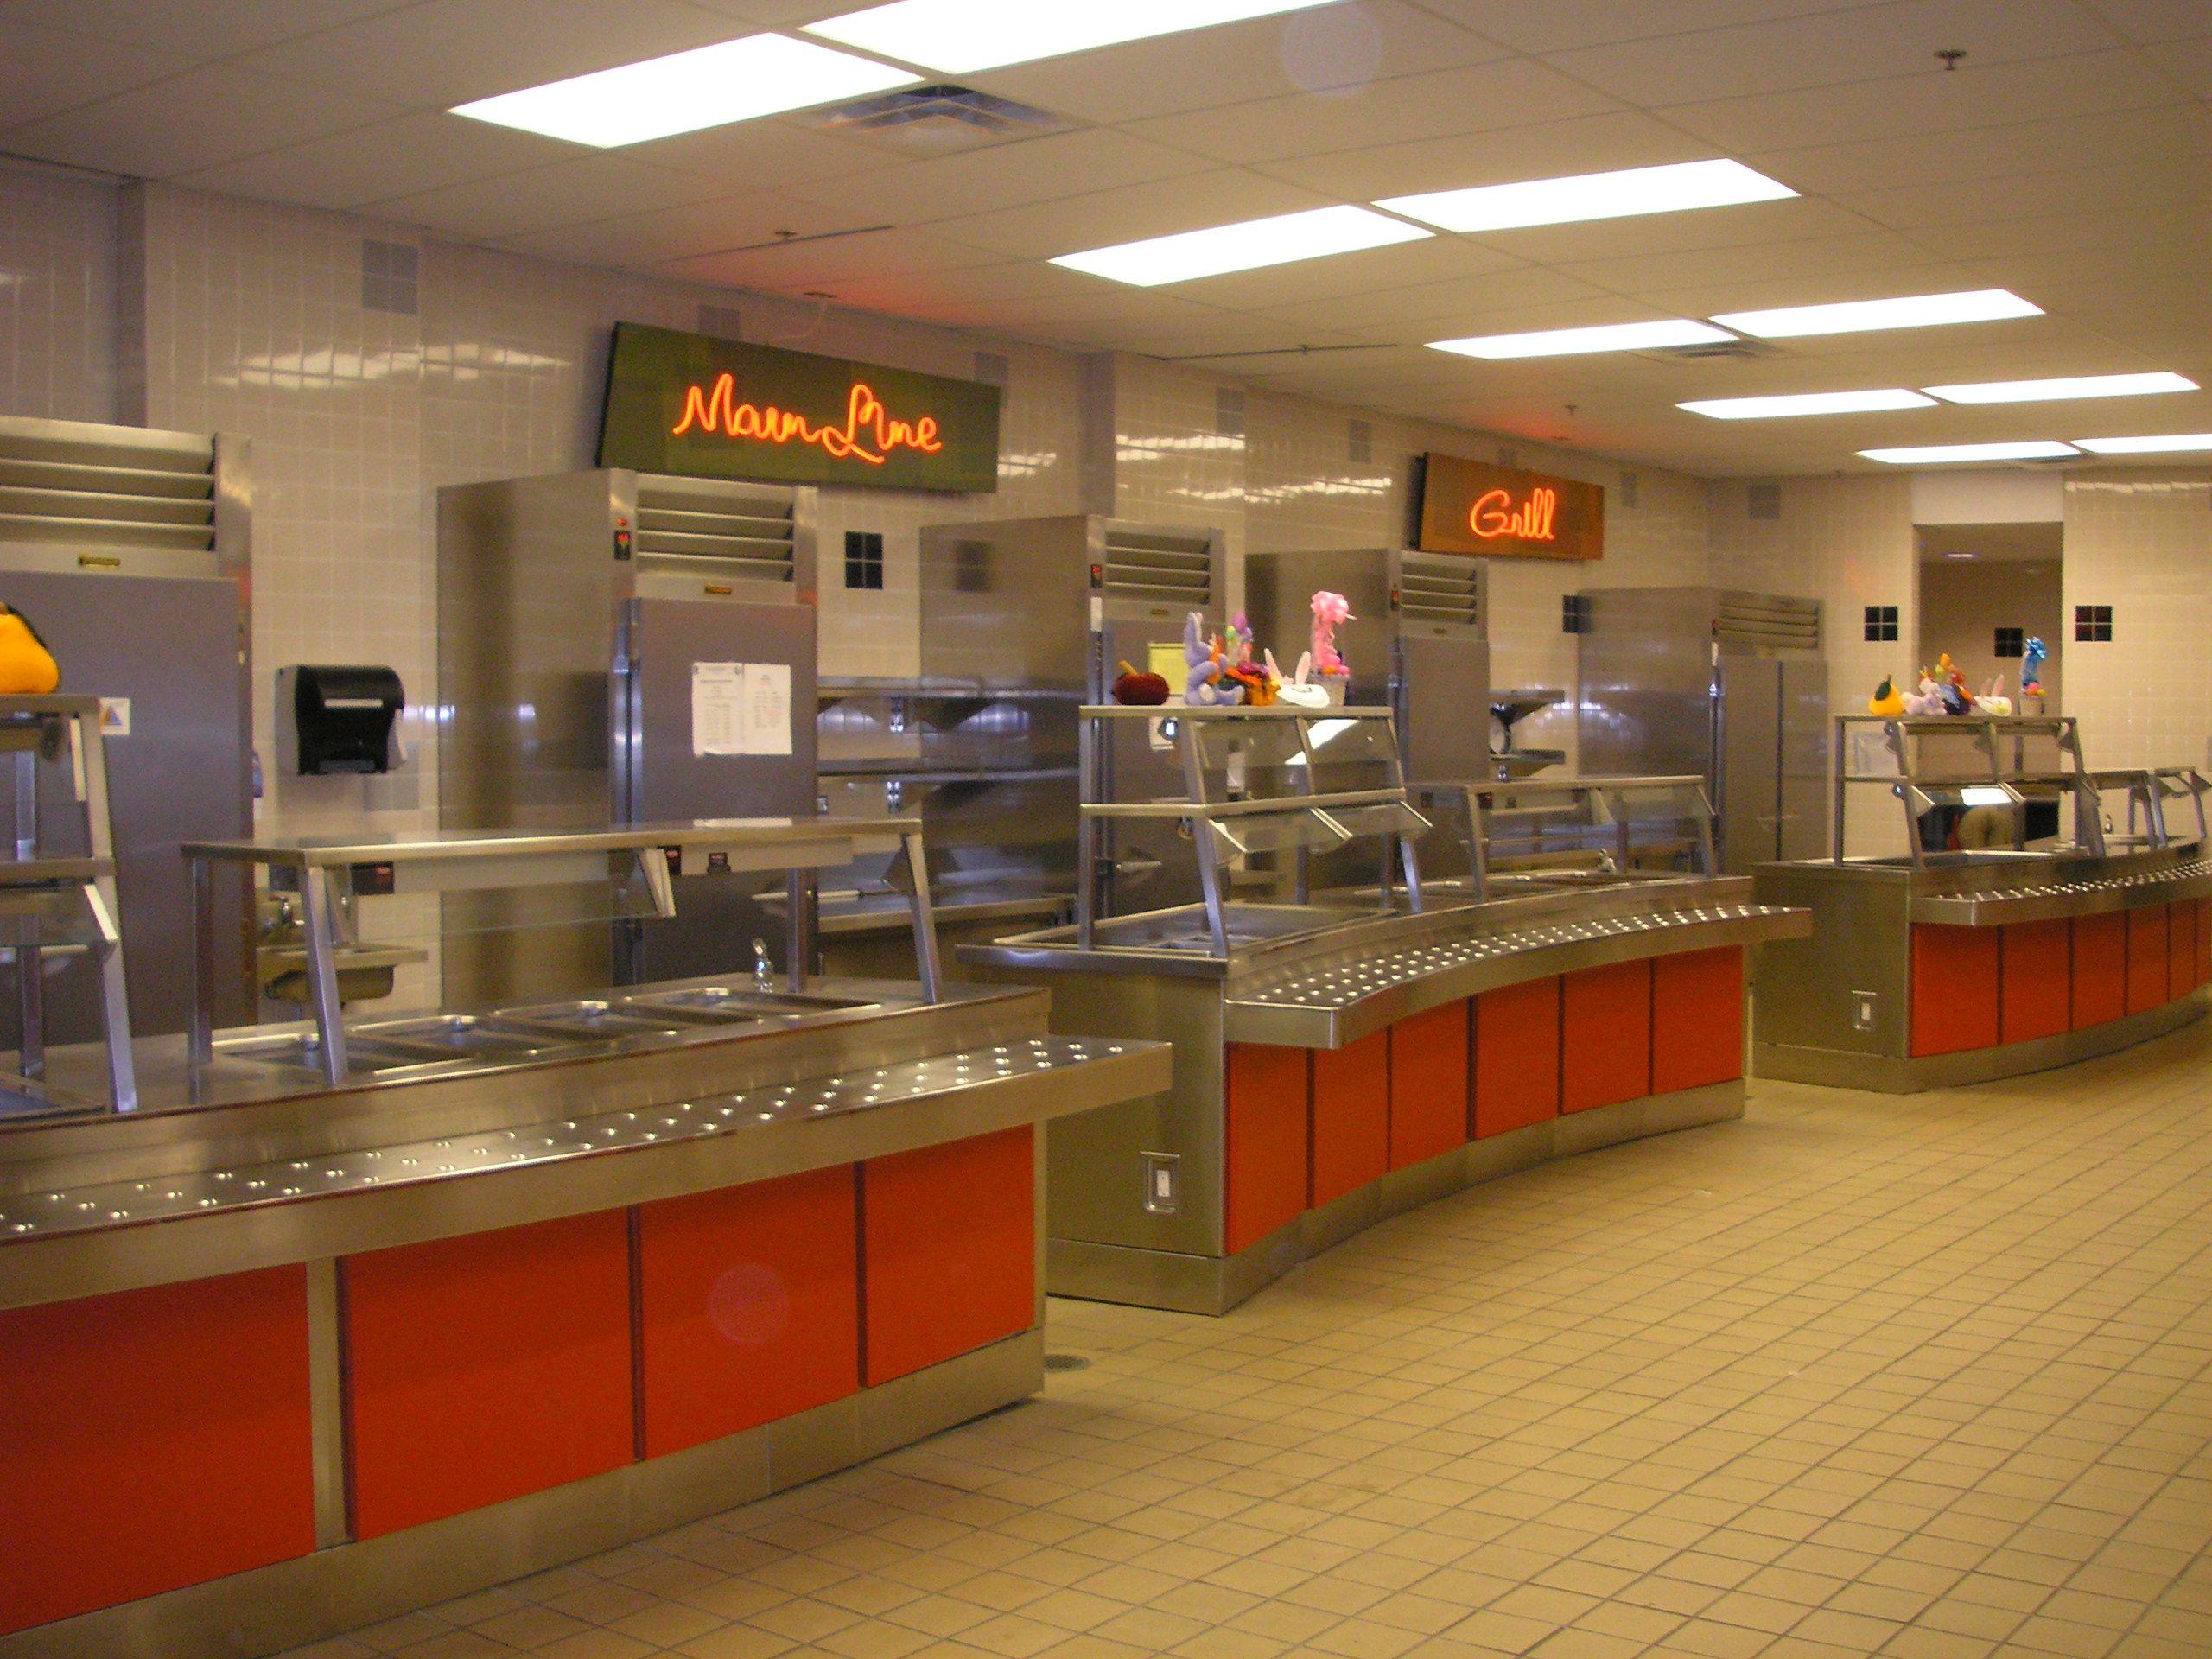 Commercial kitchen design Restaurant kitchen design